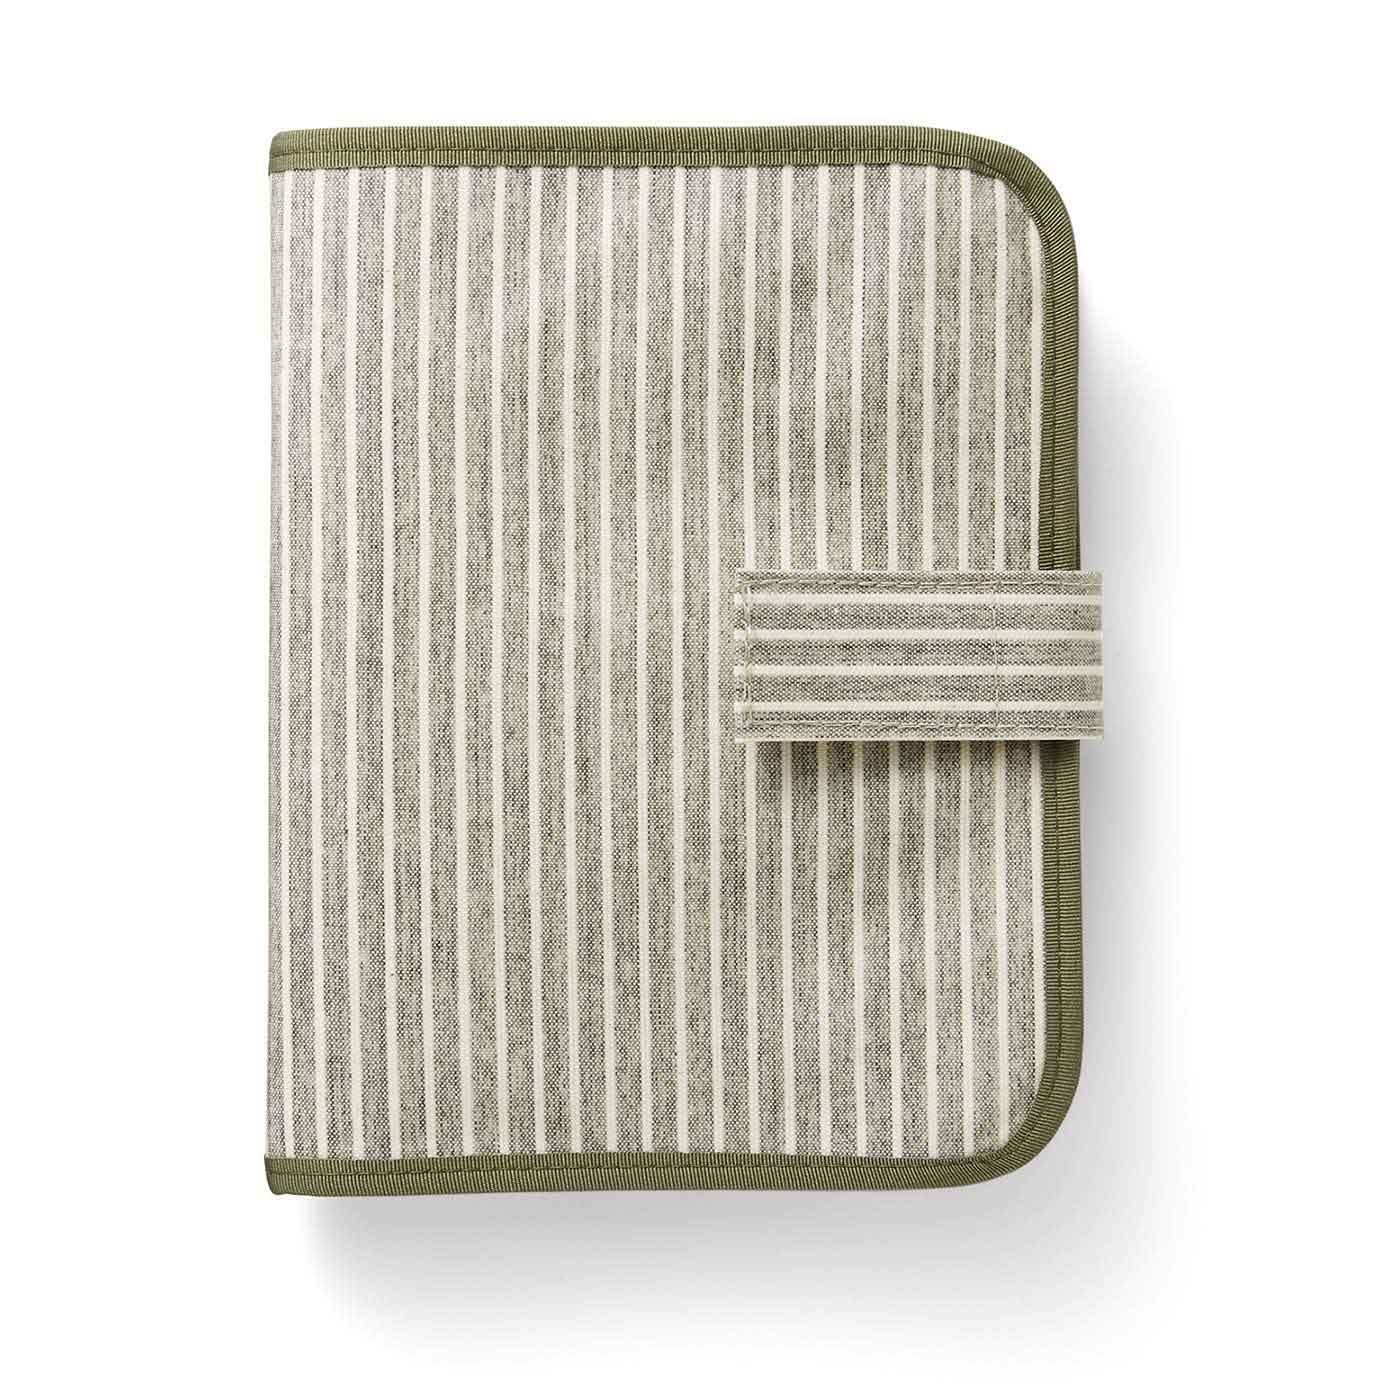 オリーブ 表側は汚れてもふき取りやすいオレフィン系樹脂加工。